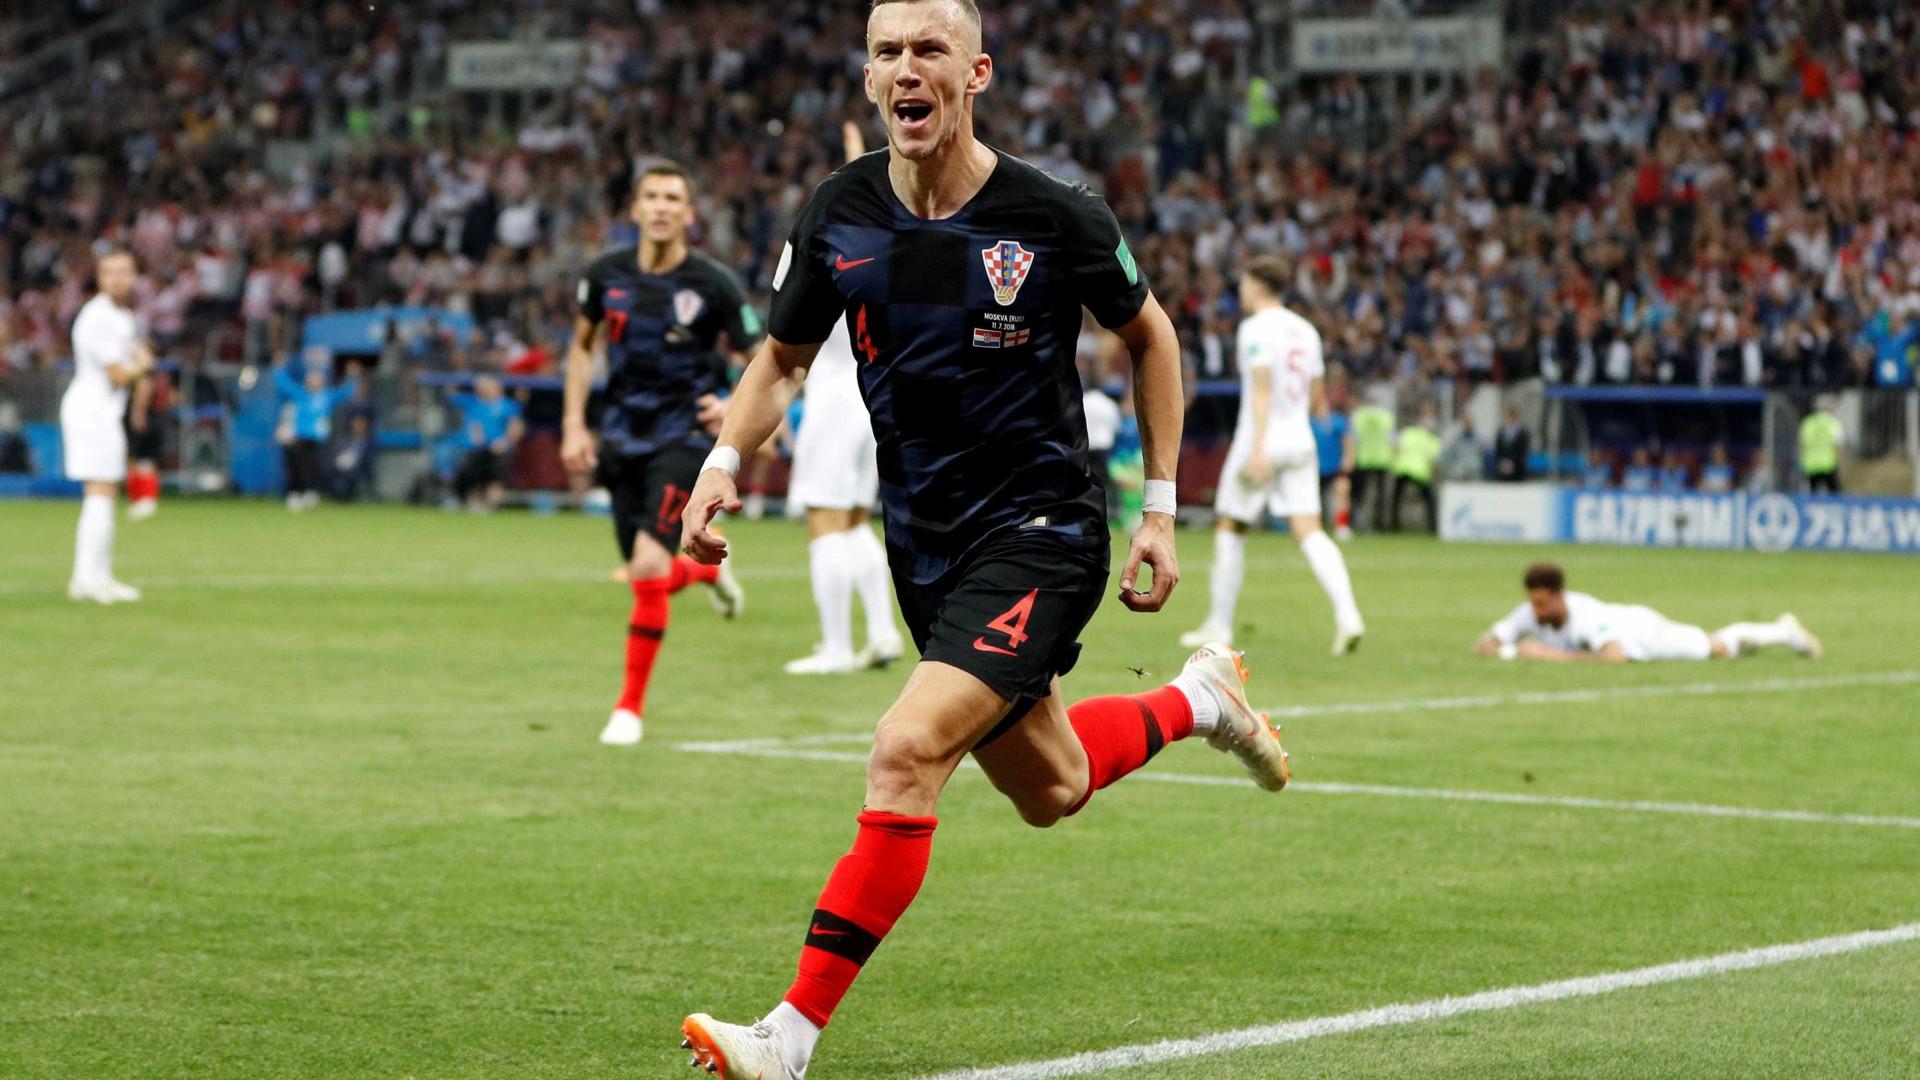 Croácia é 1ª seleção a sobreviver a 3 prorrogações em Copa